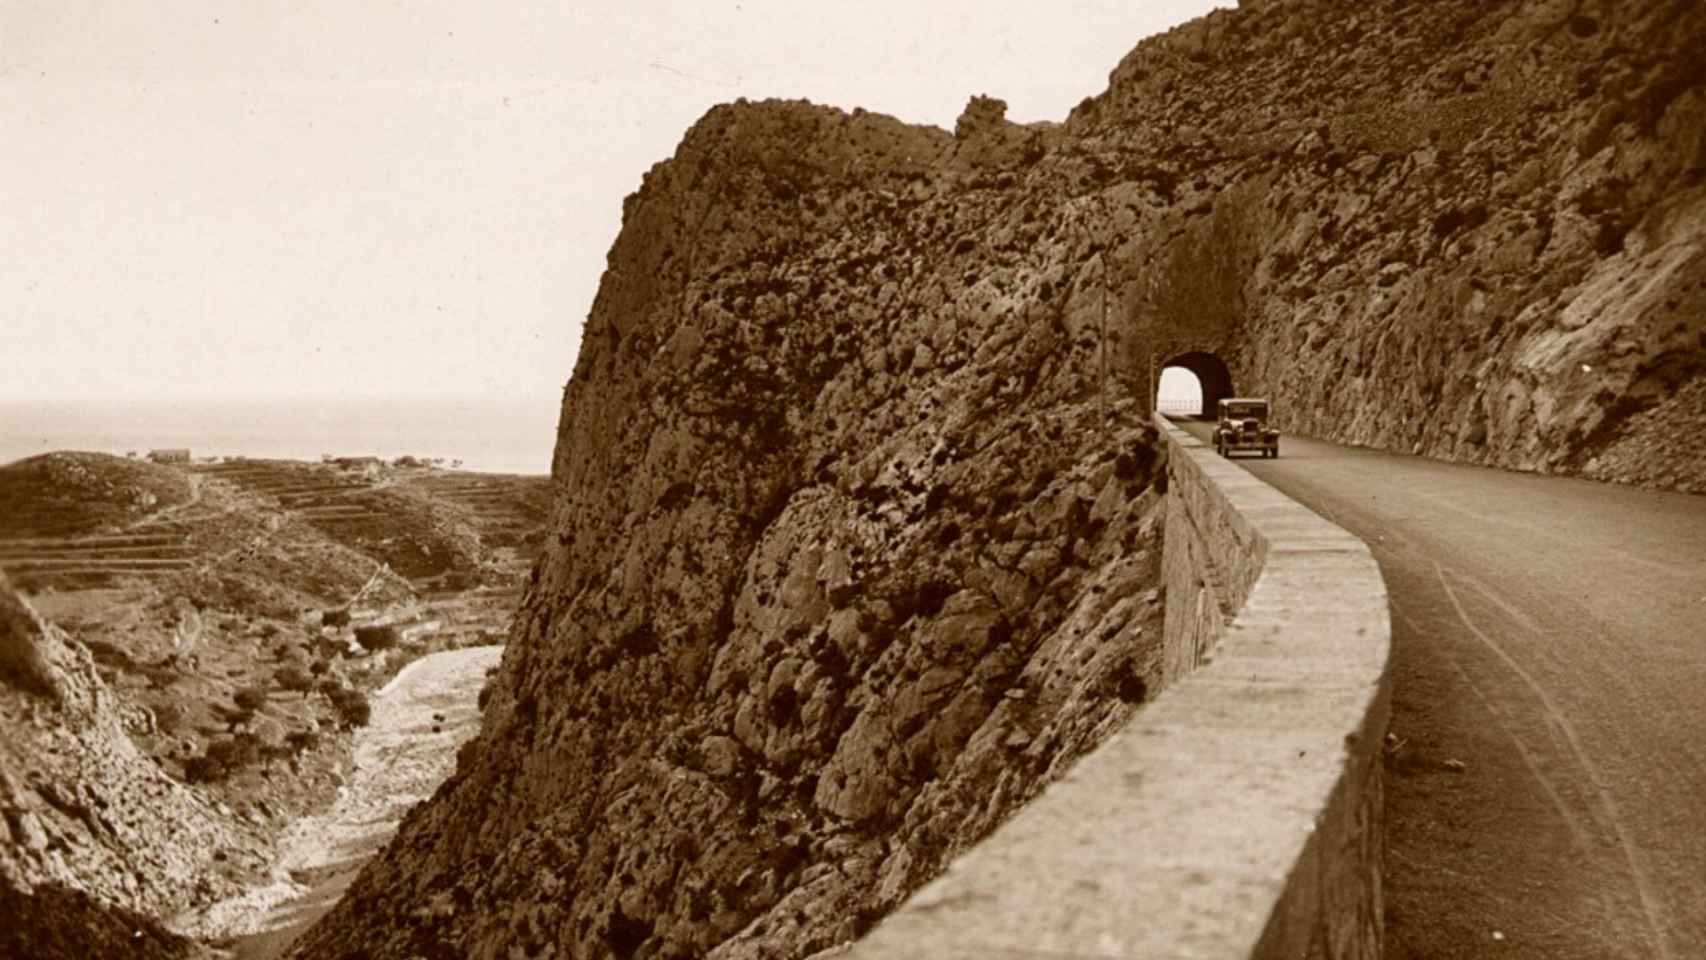 El túnel de Mascarat se encuentra en la carretera de Valencia-Alicante.